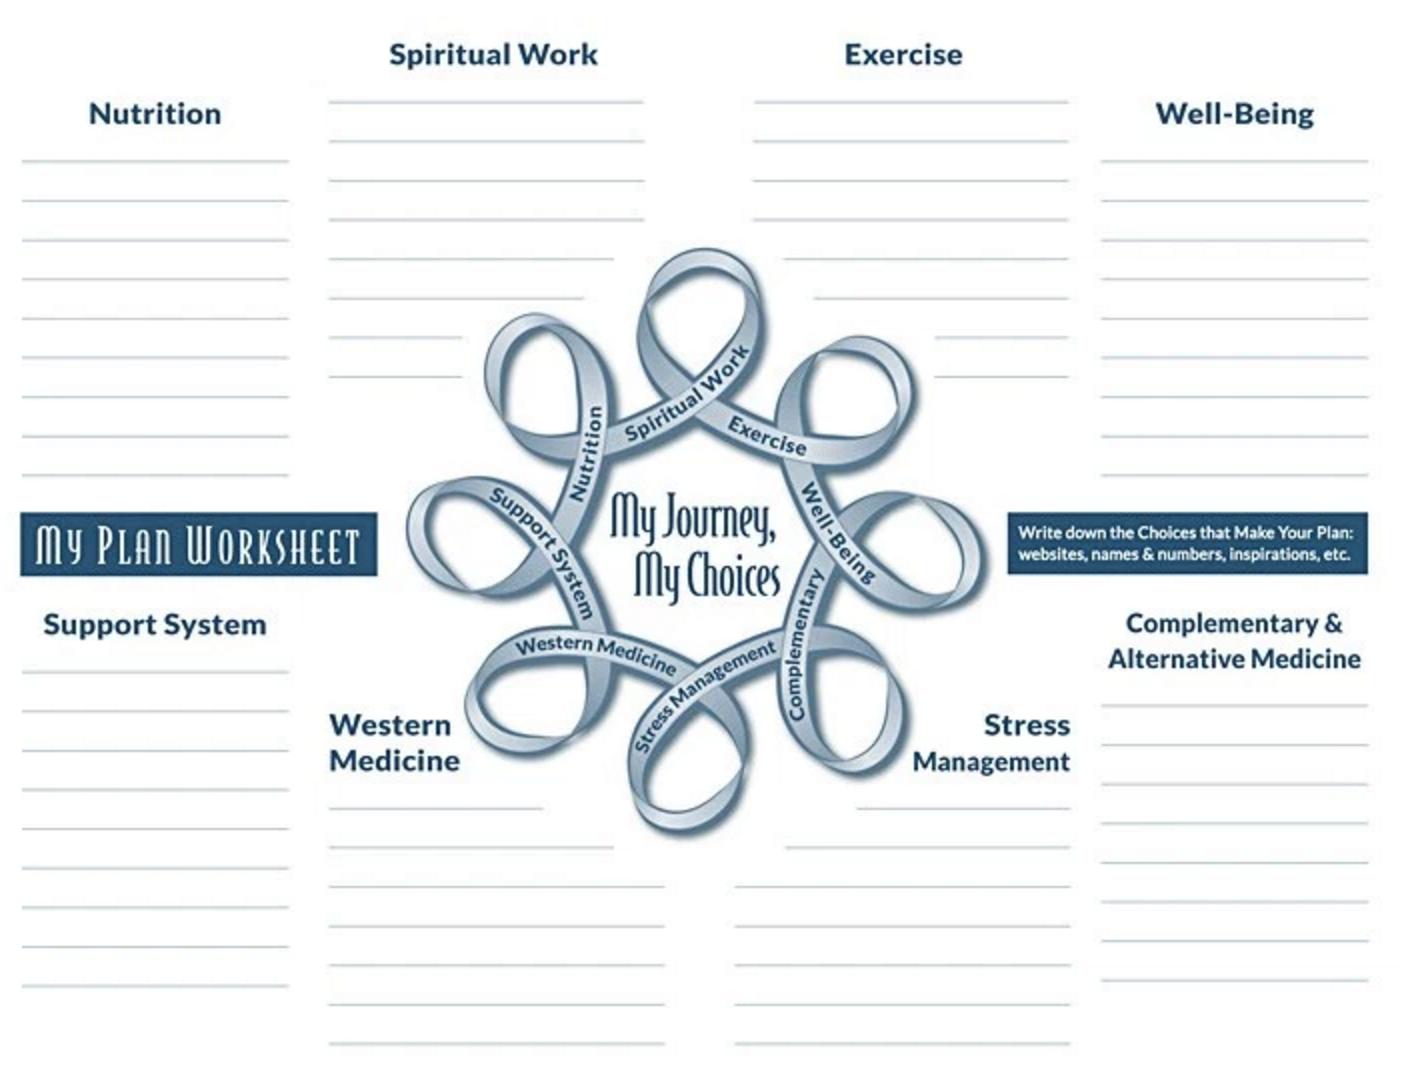 Make Your Plan – Life Plan Worksheet